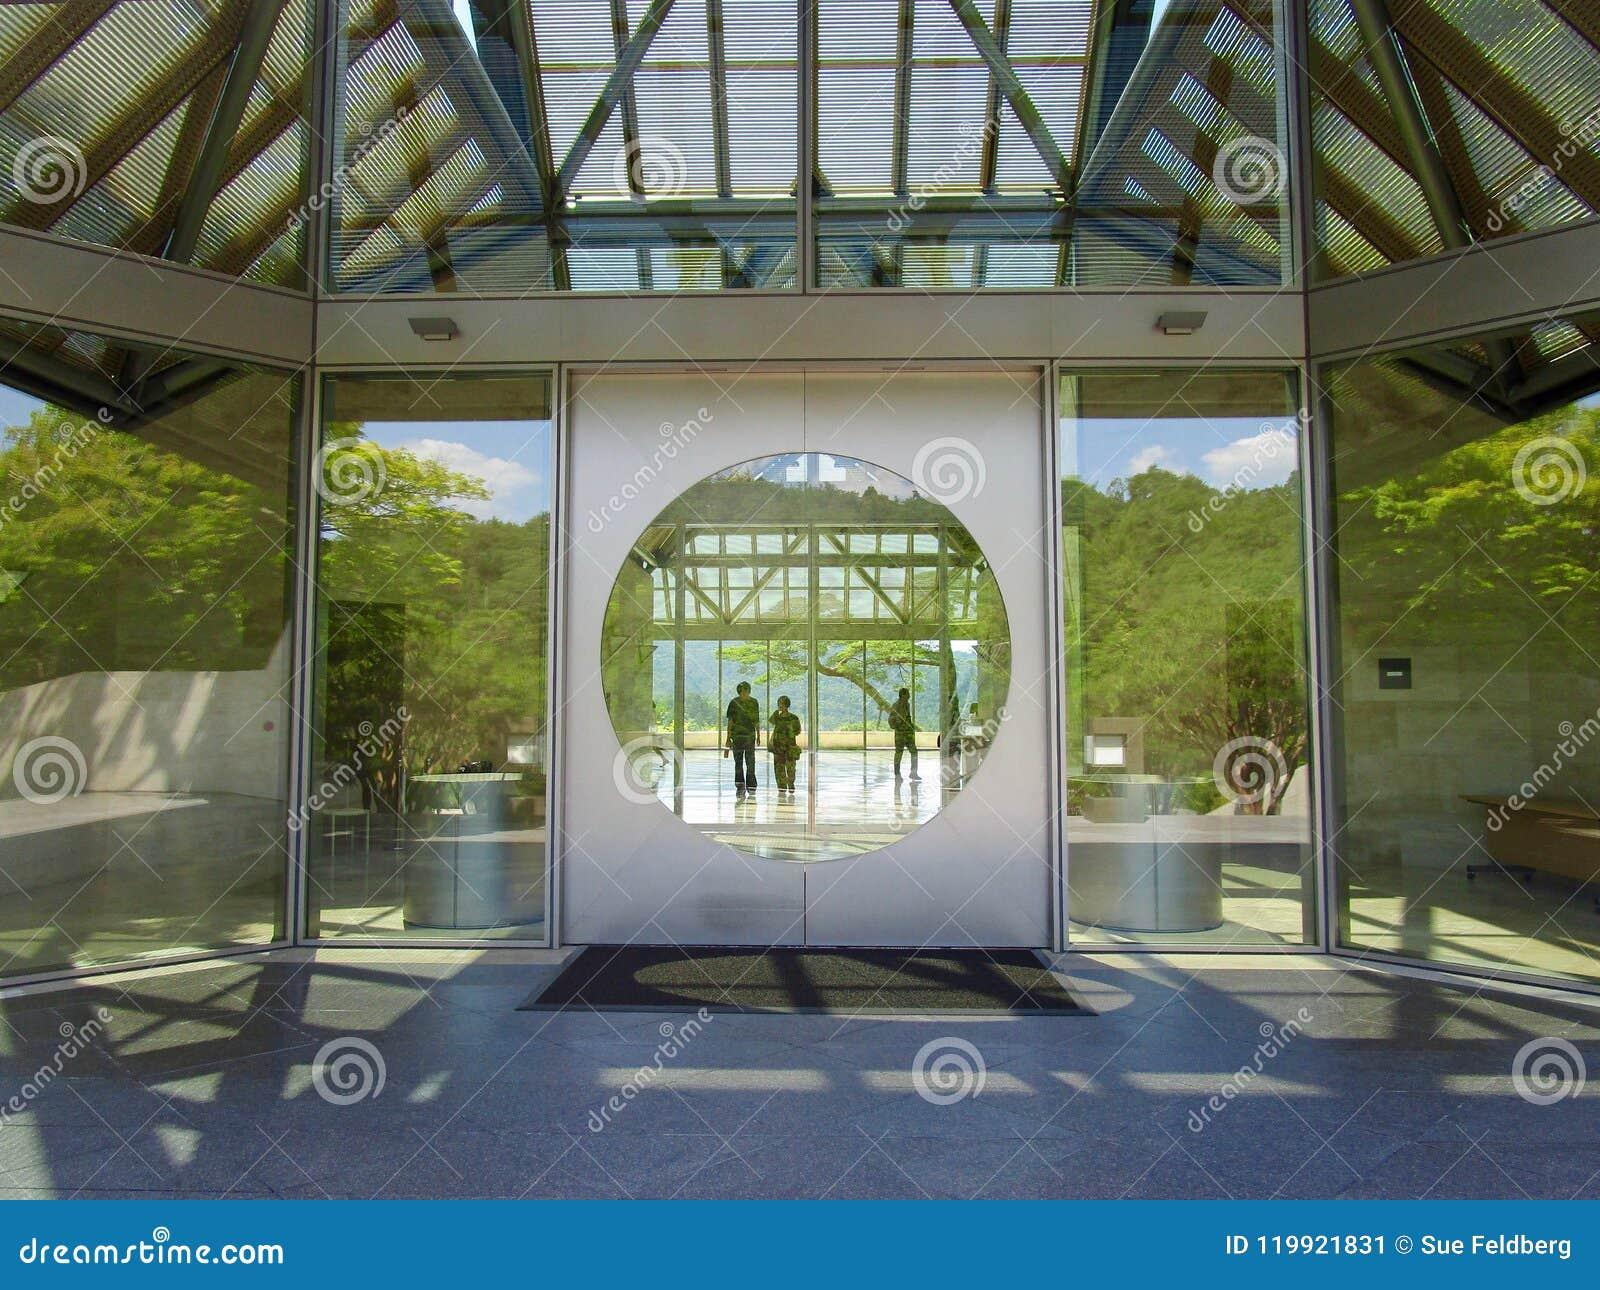 对美秀美术馆,叶茶壶,日本的入口